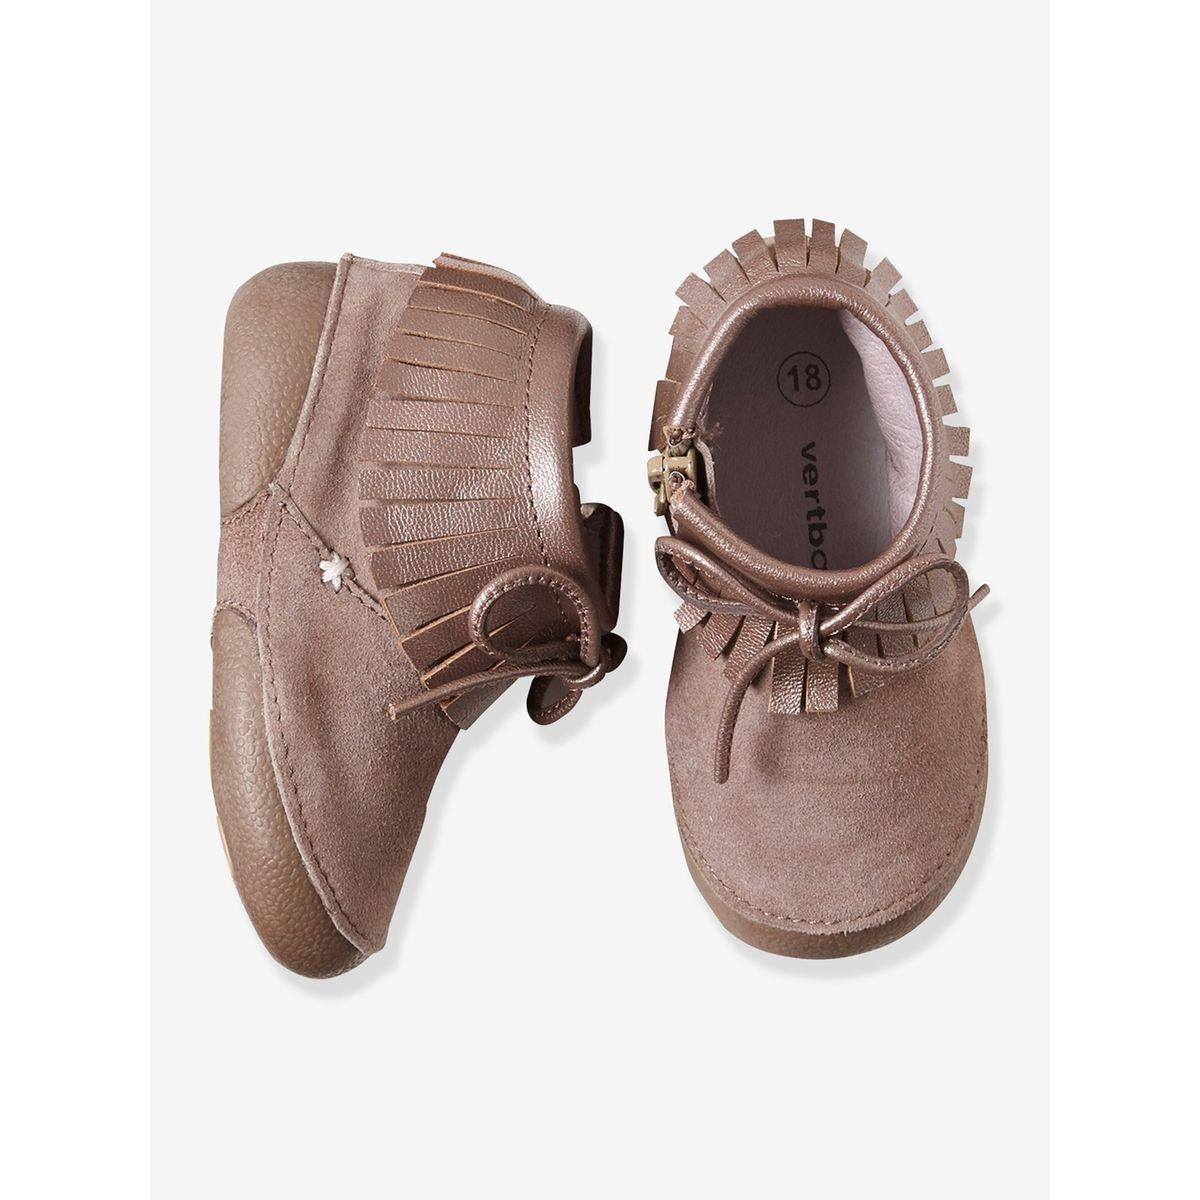 Chaussures bébé cuir souple